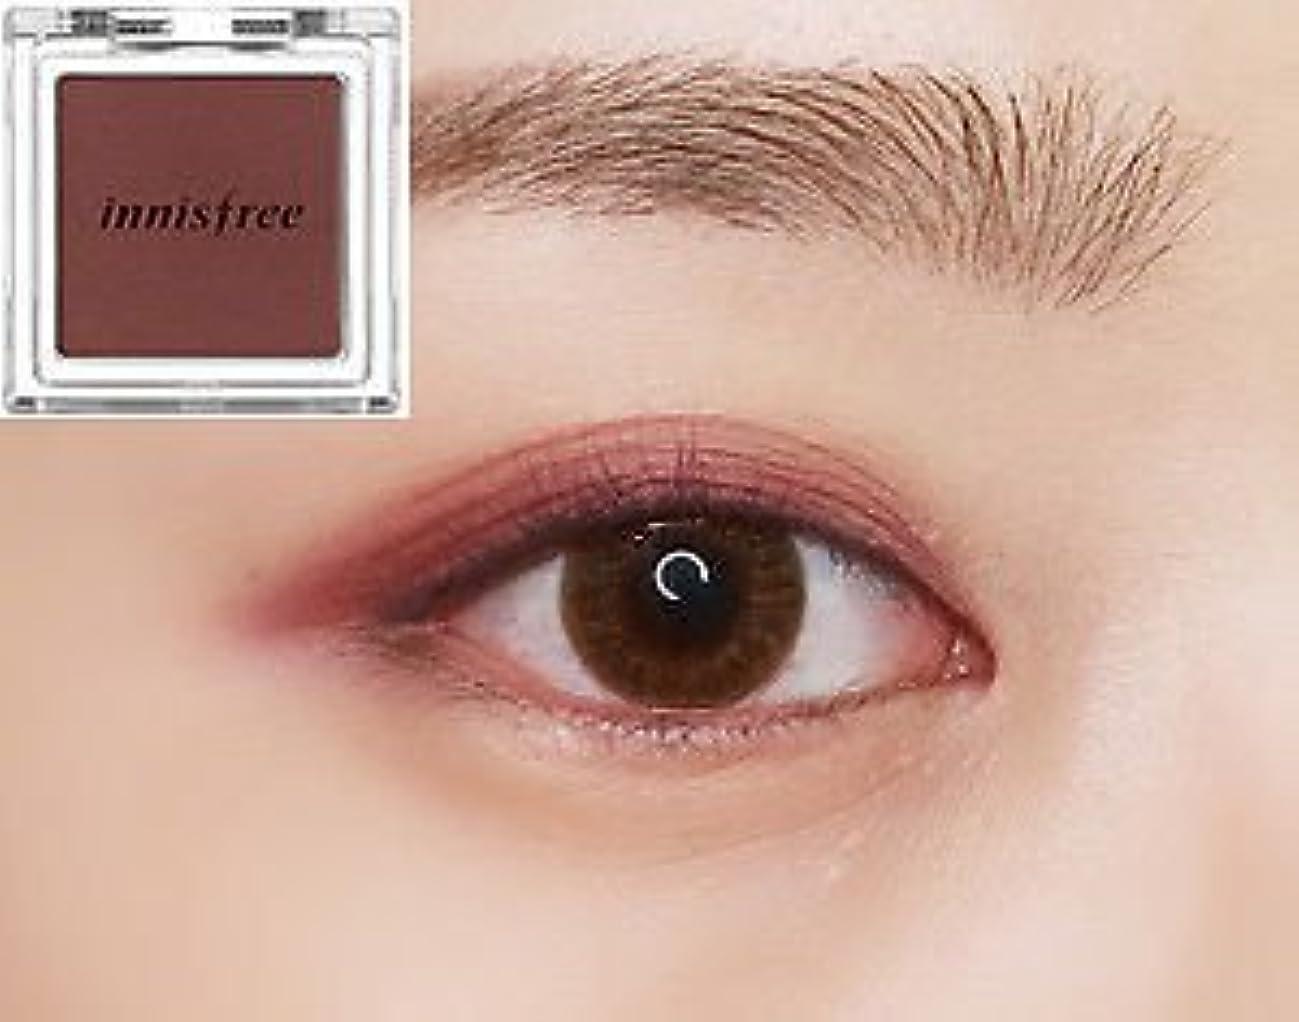 旅住む研磨[イニスフリー] innisfree [マイ パレット マイ アイシャドウ (マット) 40カラー] MY PALETTE My Eyeshadow (Matte) 40 Shades [海外直送品] (マット #30)